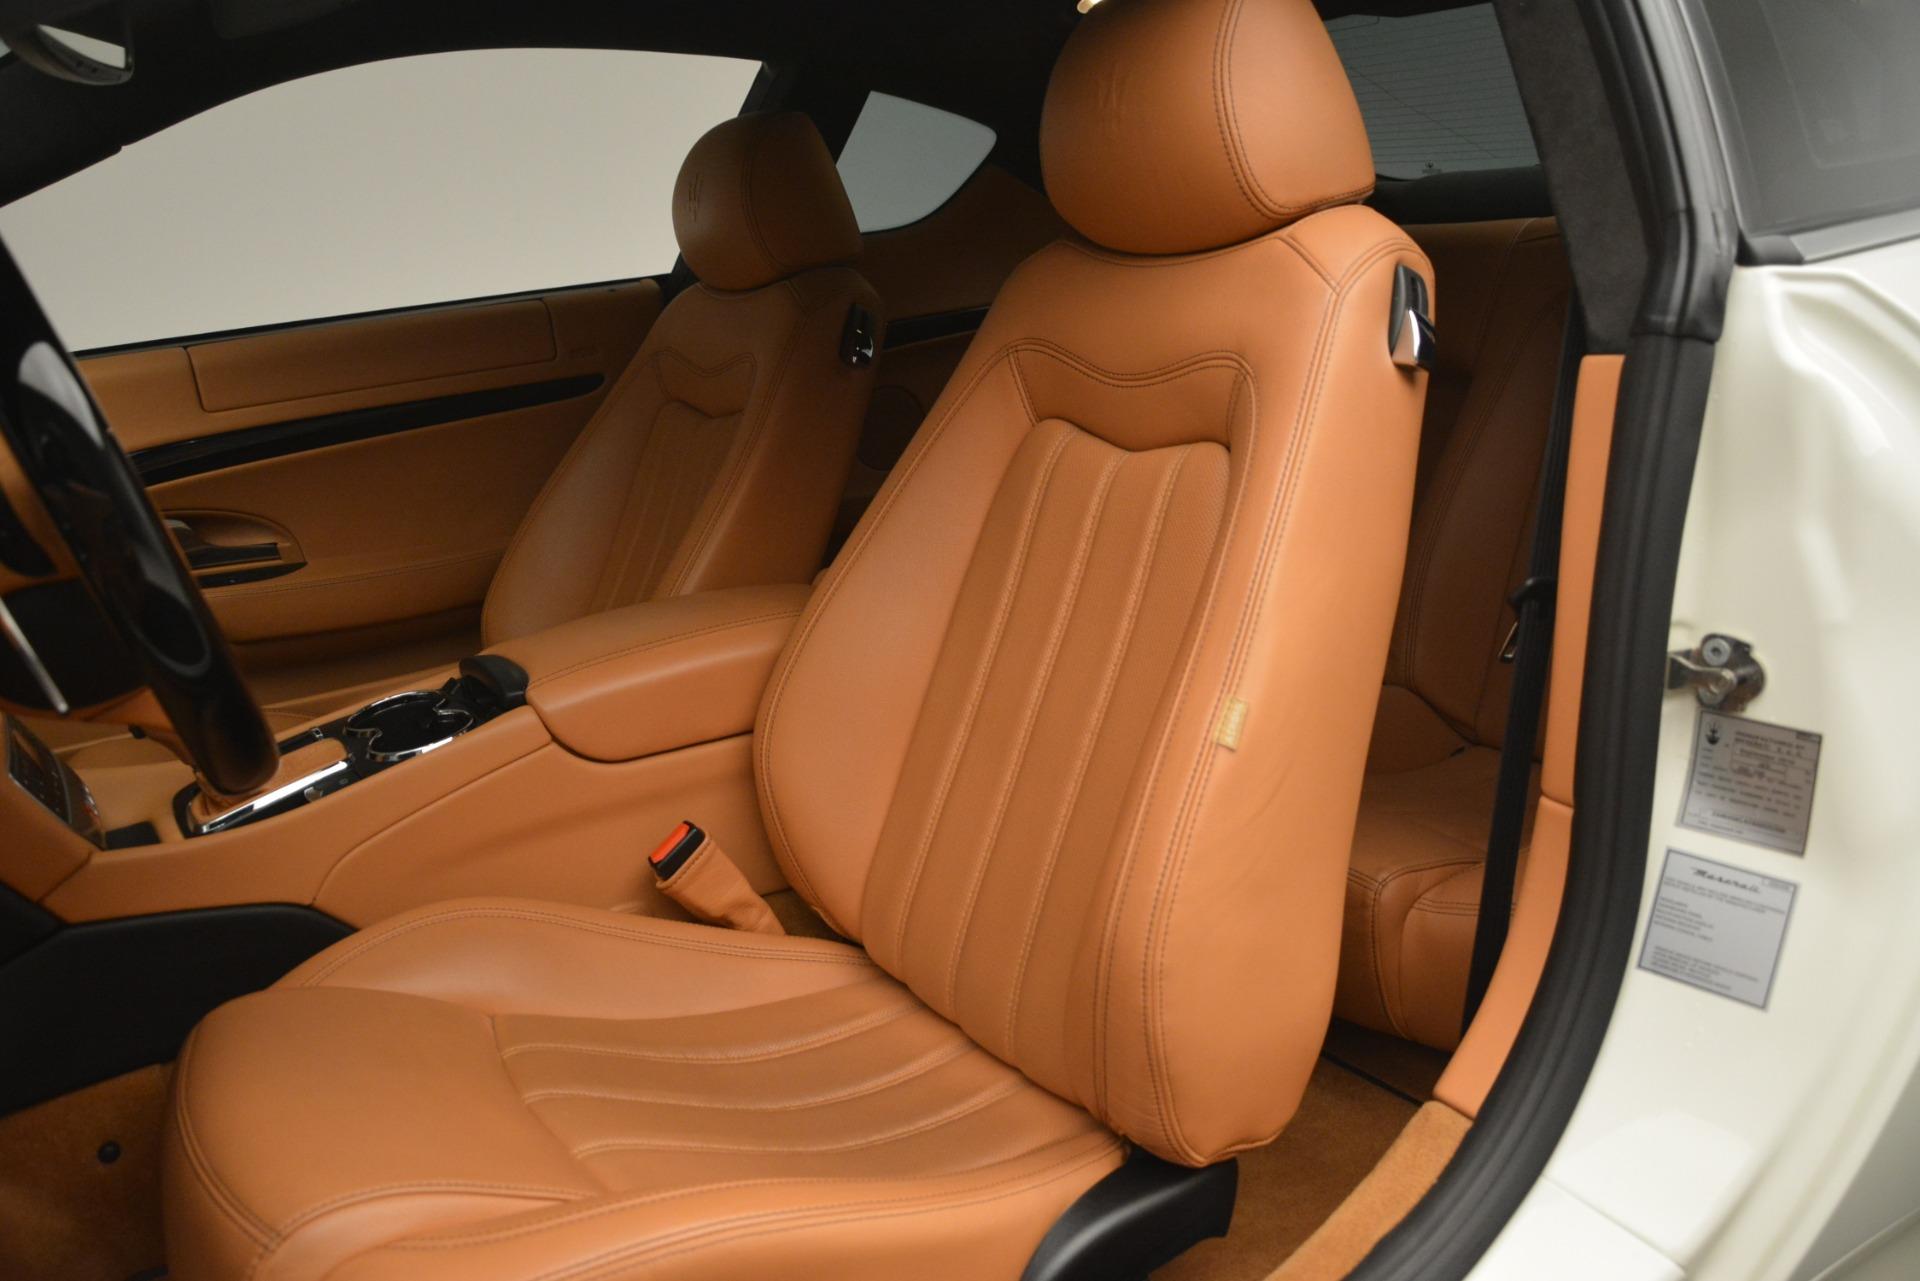 Used 2011 Maserati GranTurismo S Automatic For Sale In Greenwich, CT 3061_p15